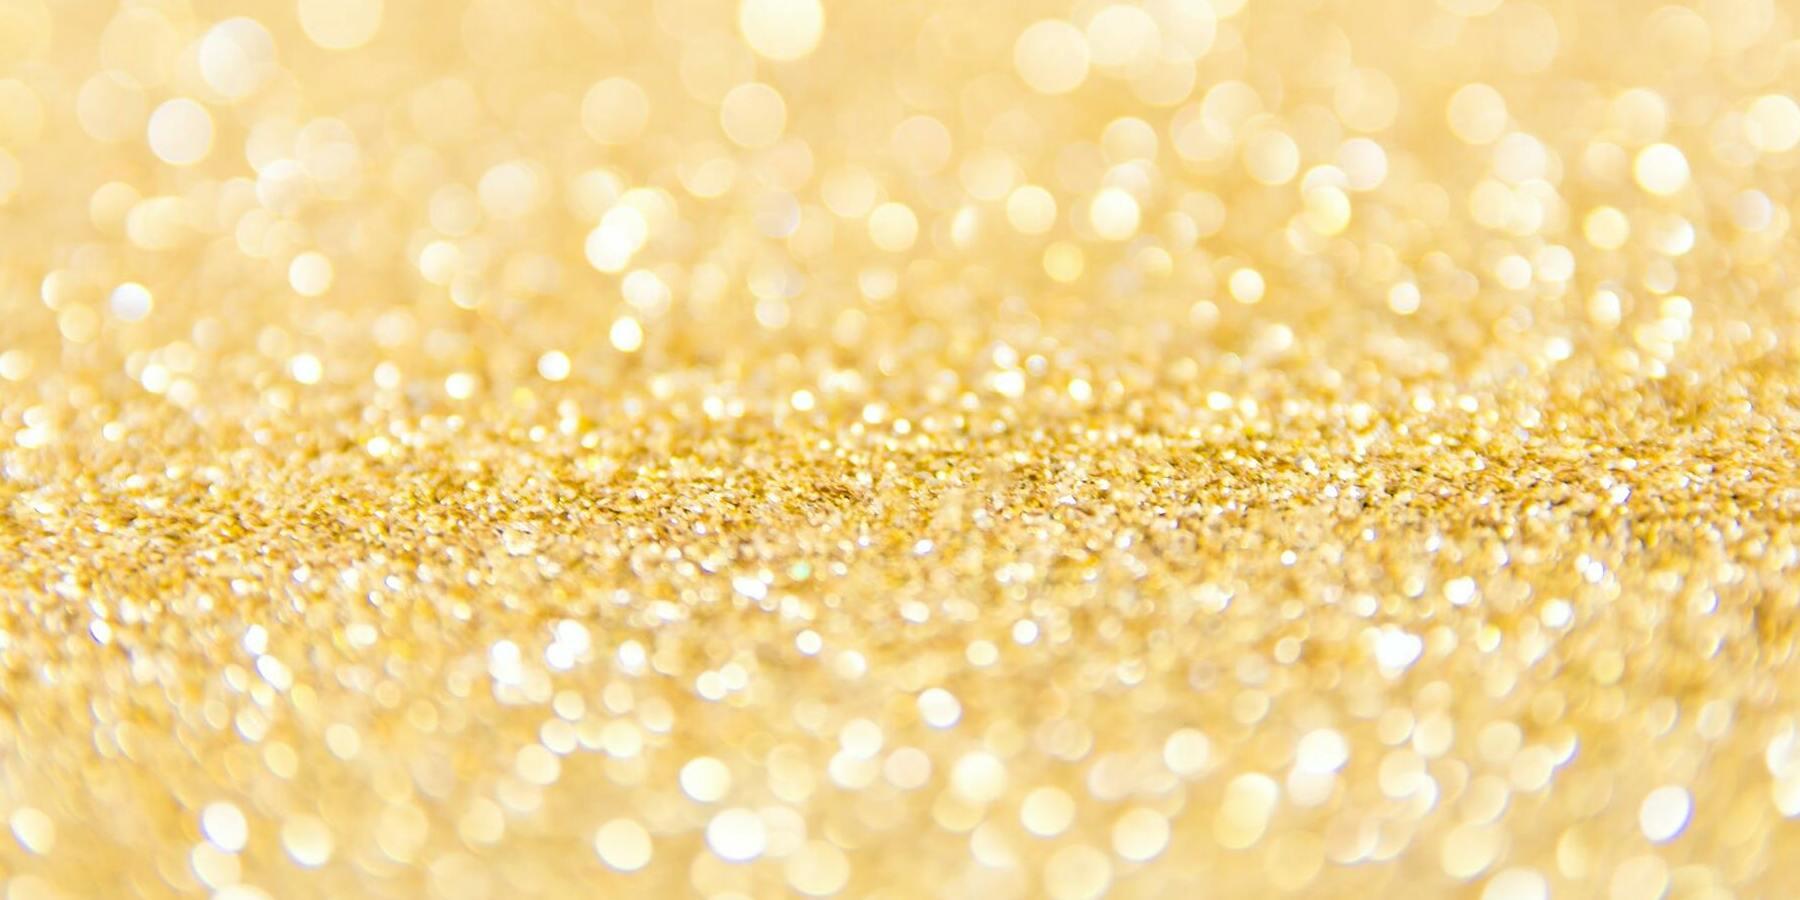 Investieren in Gold - Goldstaub auf einer Oberfläche